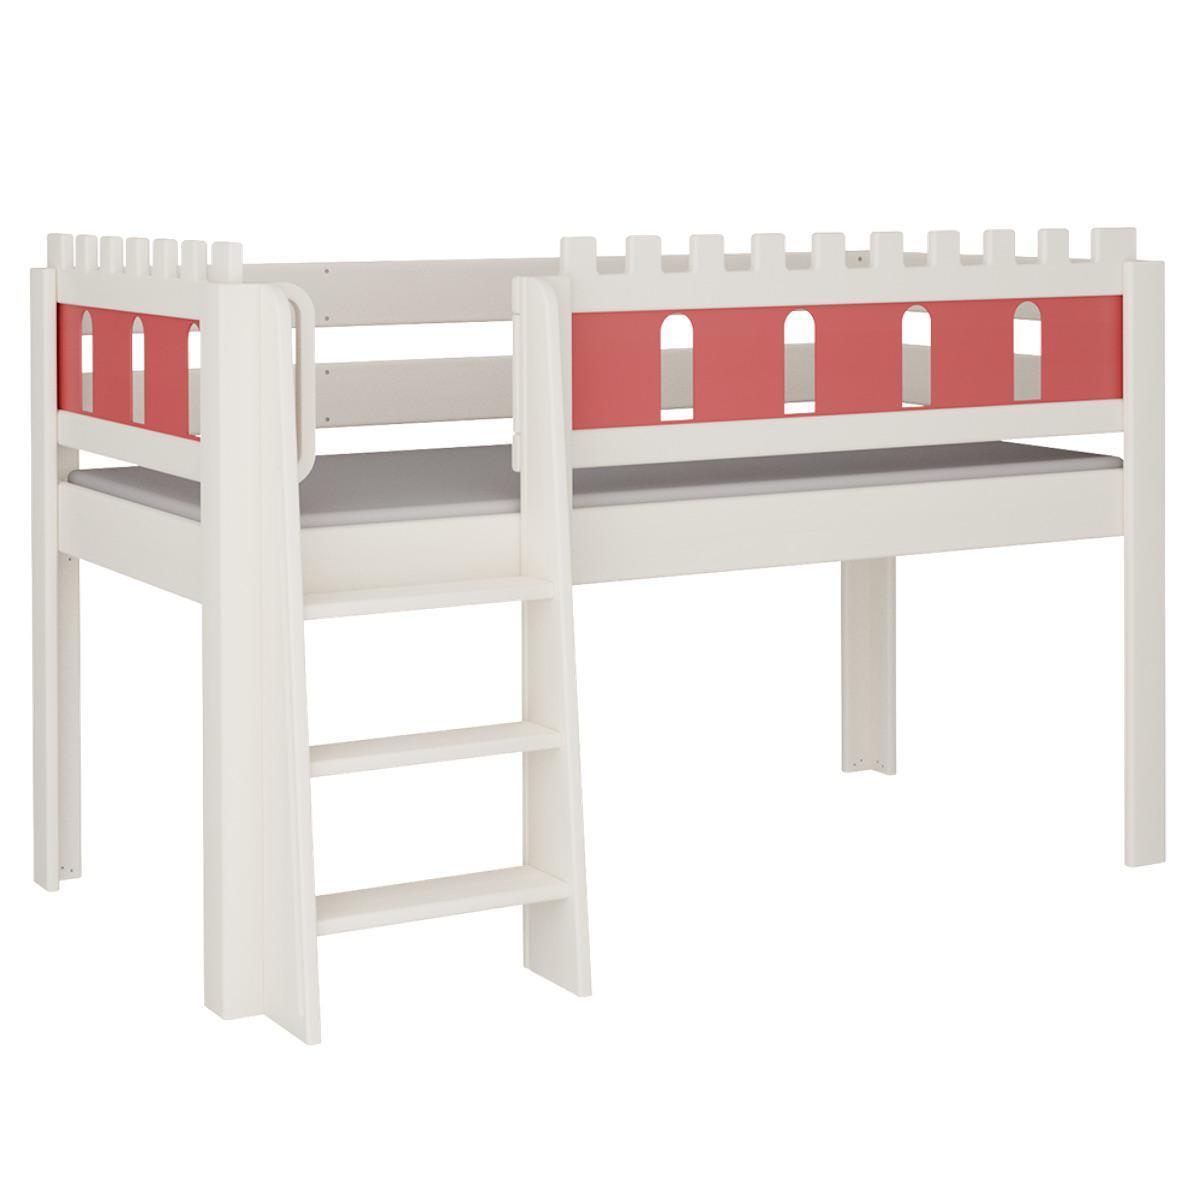 Burg halbhohes Bett mit Leiterstiege DELUXE De Breuyn weiß Füllungen rot